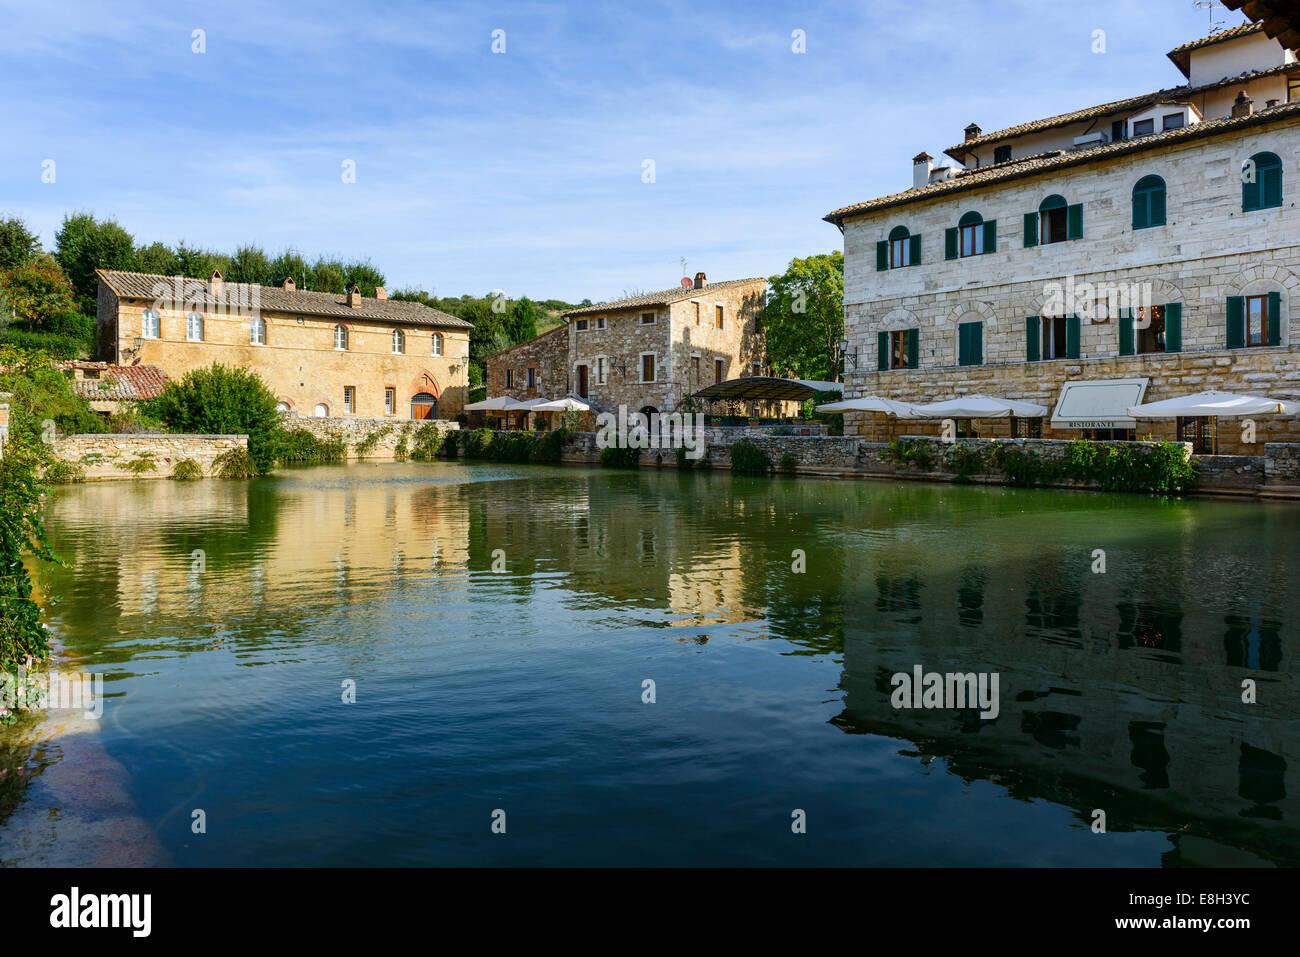 https://c8.alamy.com/comp/E8H3YC/tuscany-bagno-vignoni-piazza-delle-sorgente-and-the-thermal-pool-E8H3YC.jpg